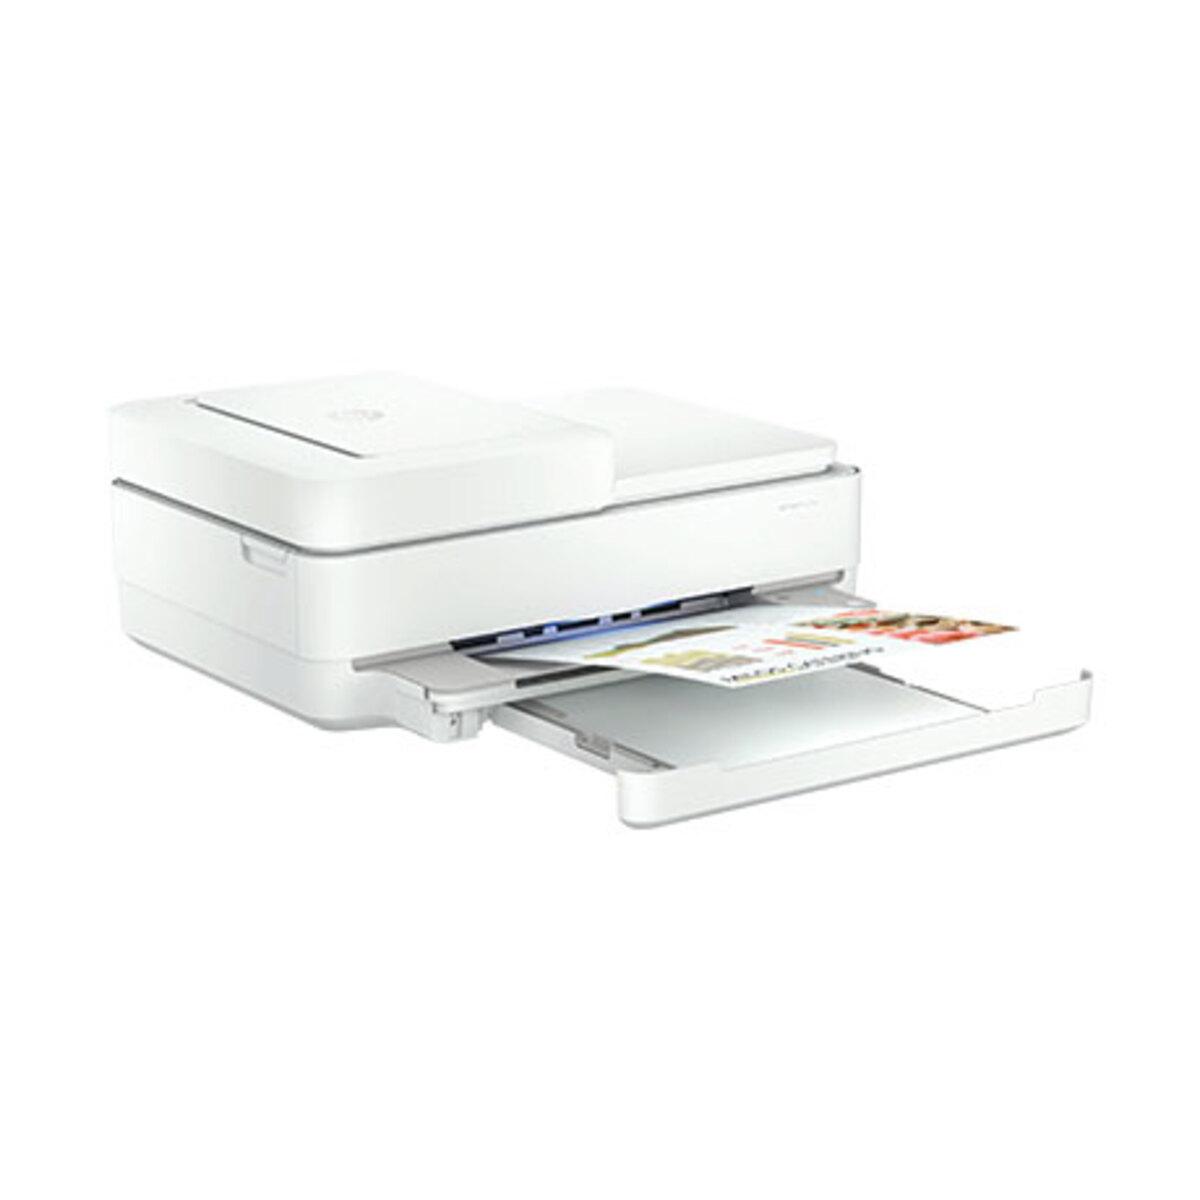 Bild 4 von HP ENVY 6430e All-in-One-Drucker